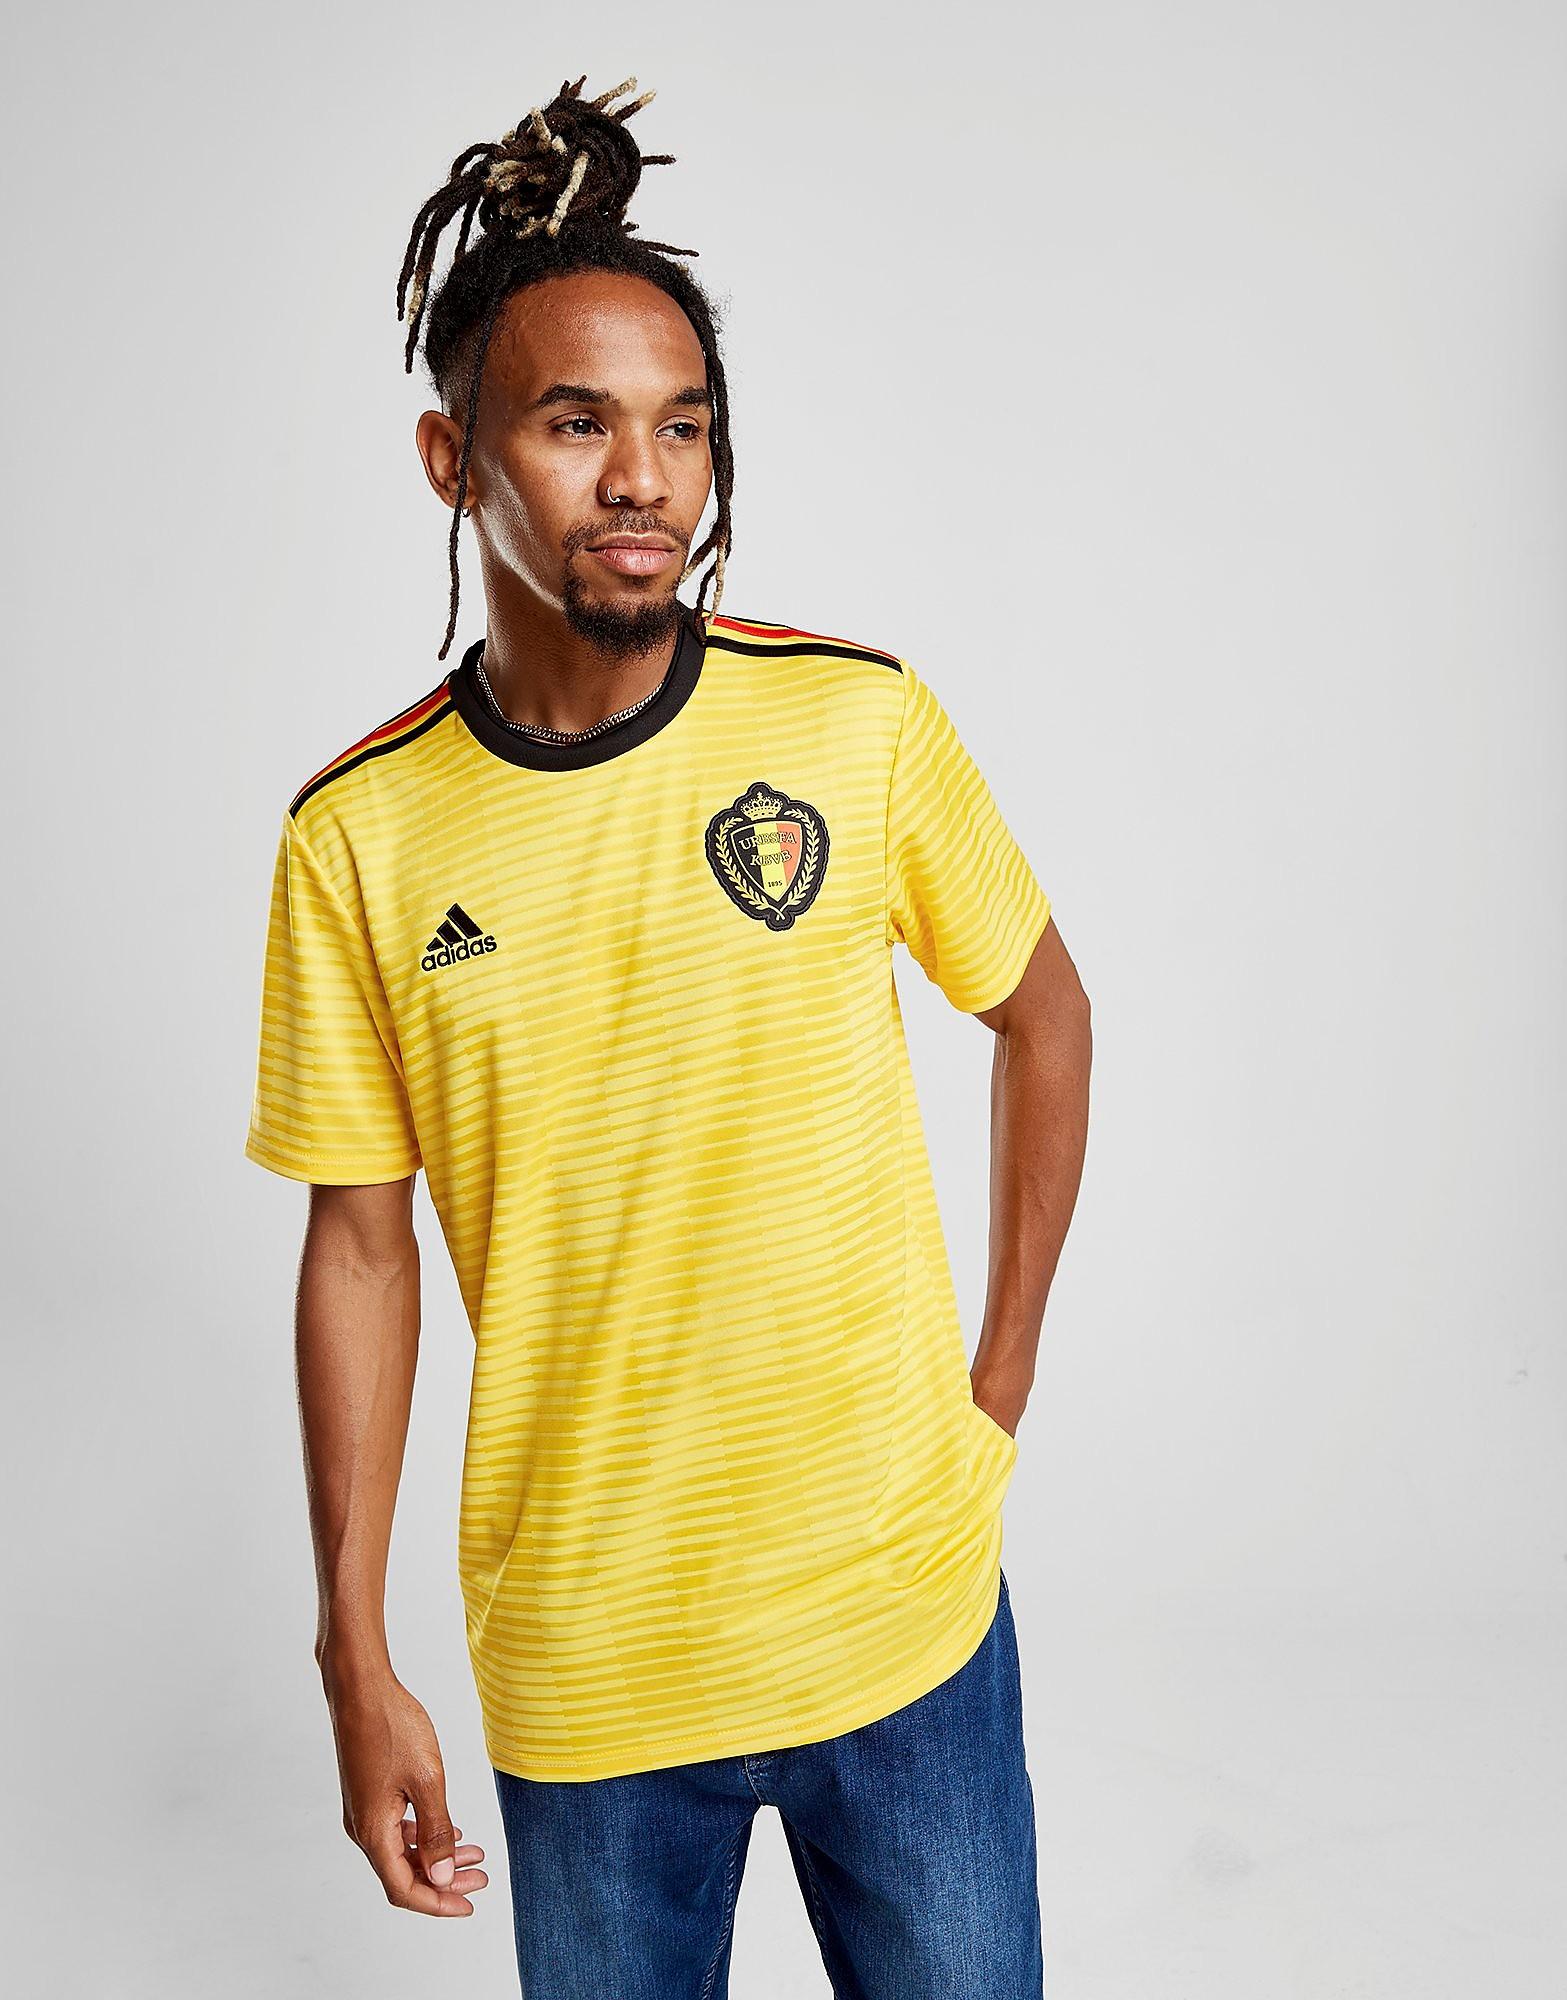 adidas camiseta 2.ª equipación Bélgica 2018